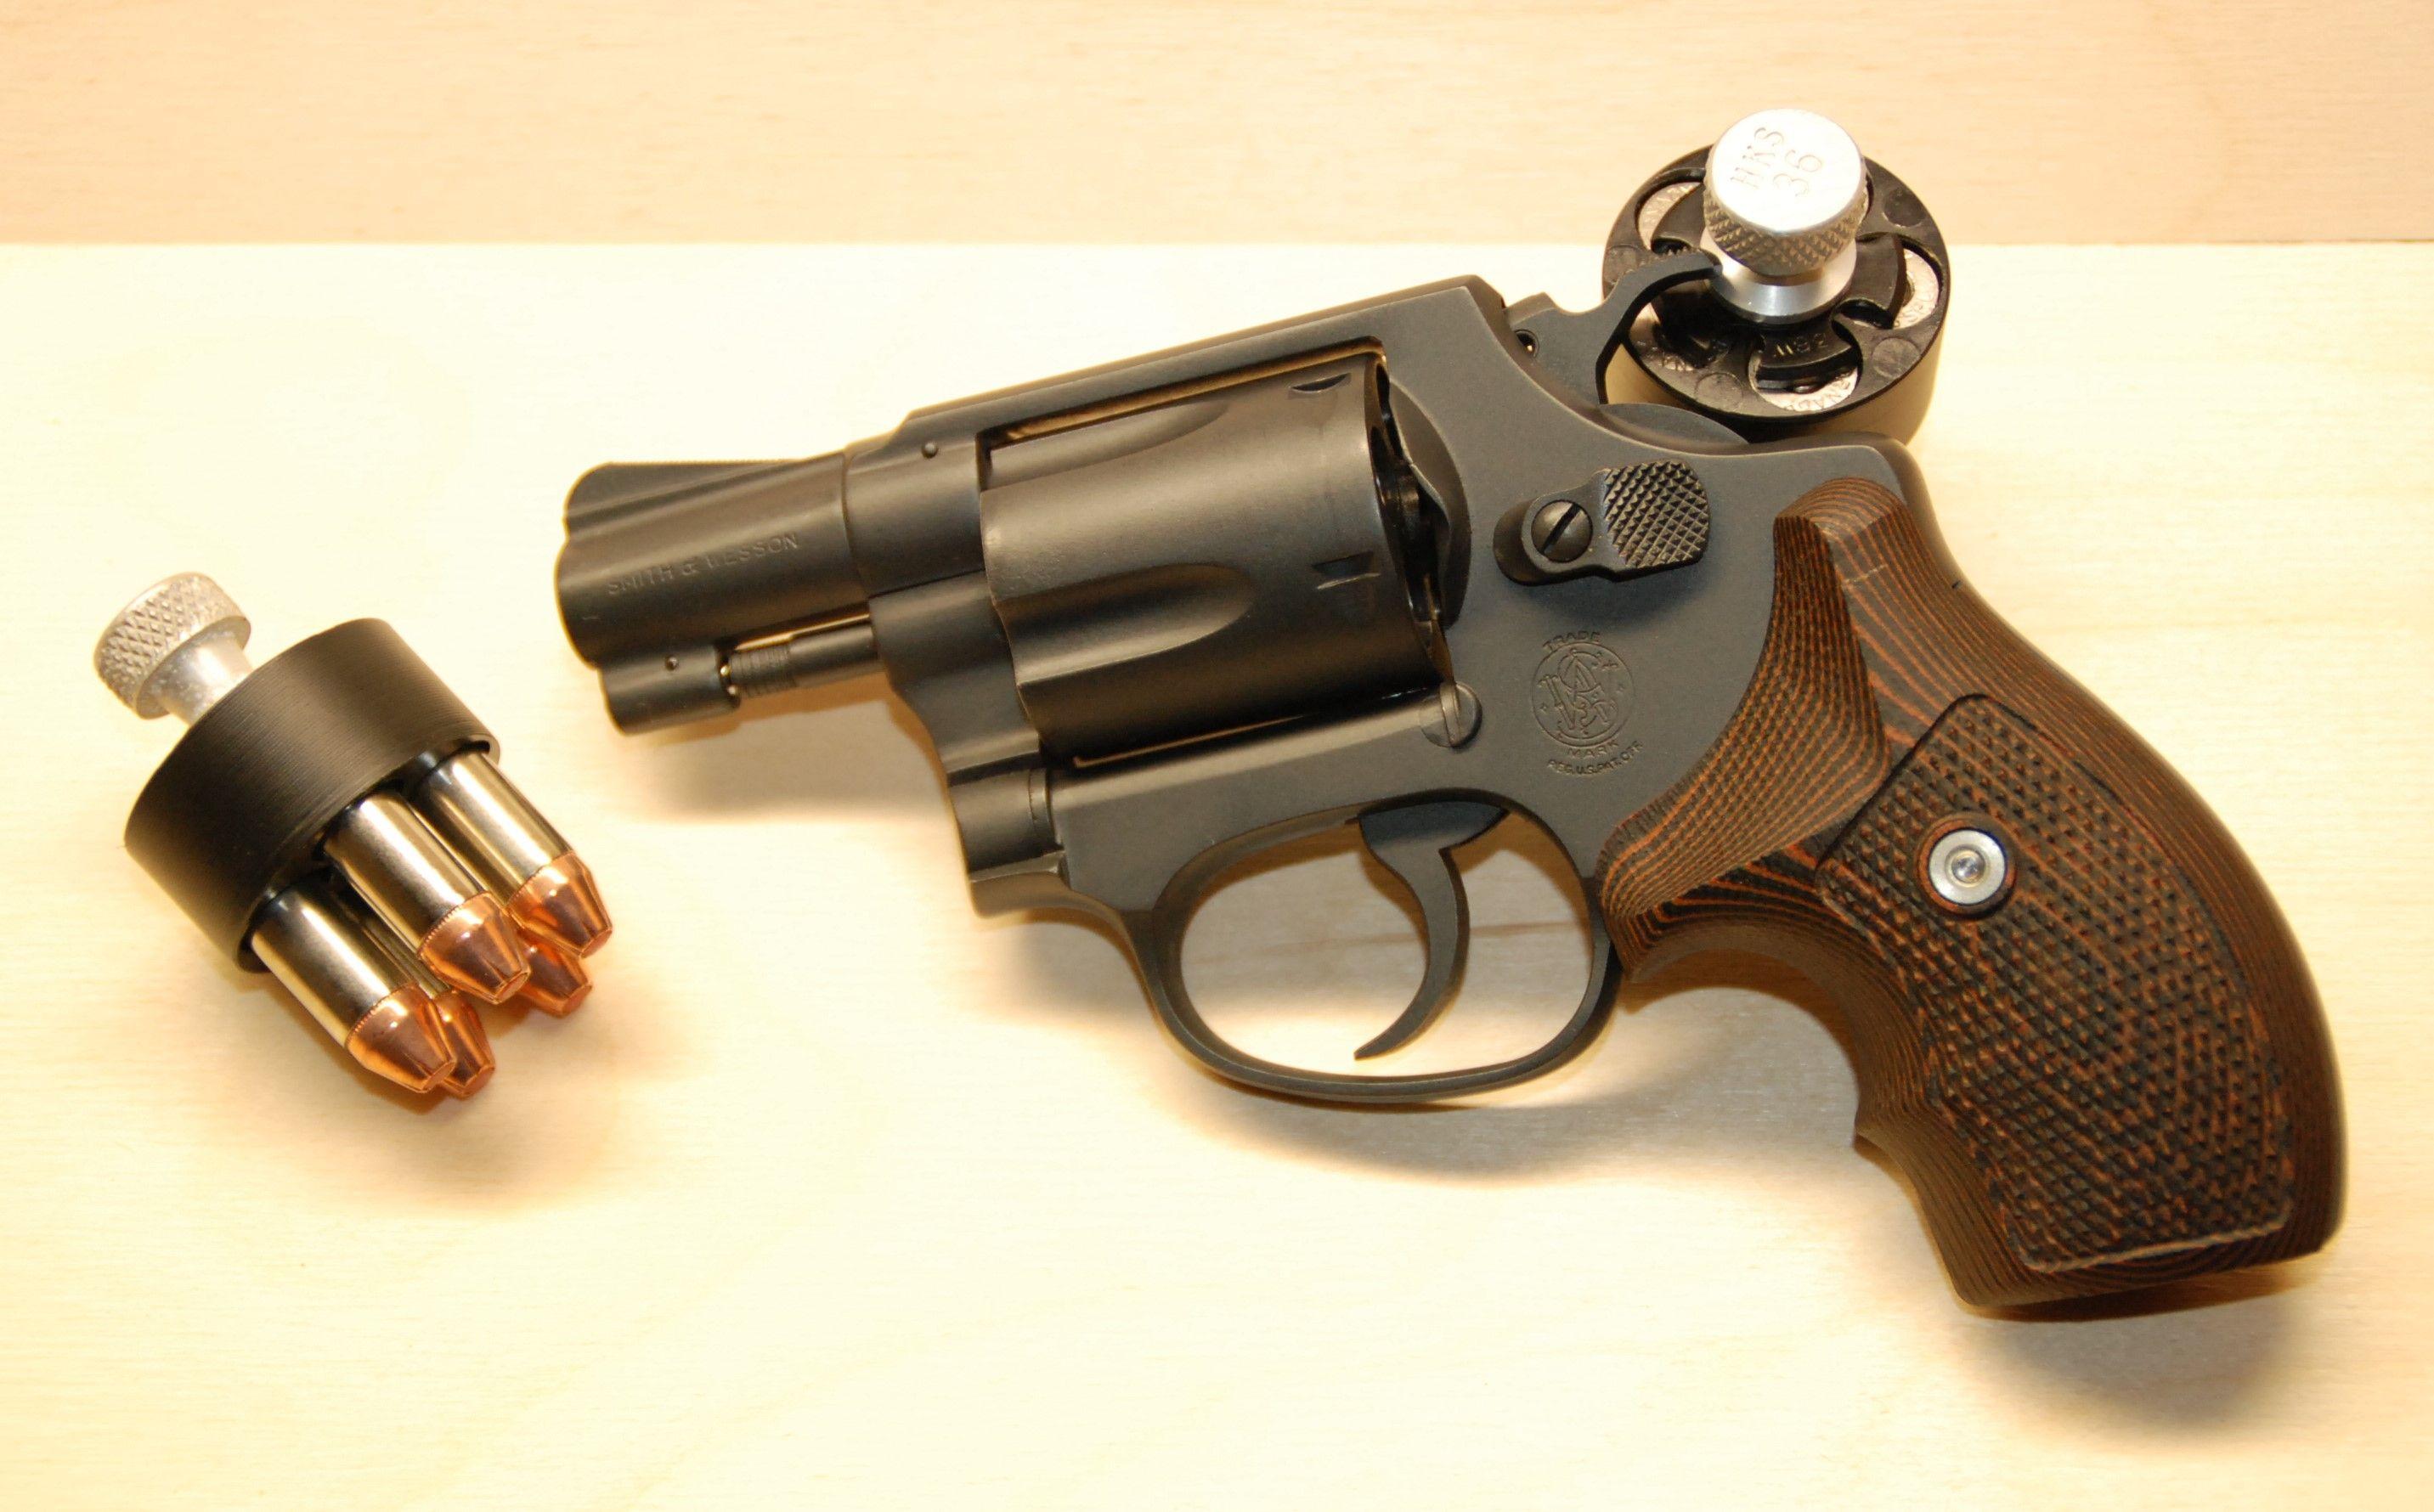 1964 #S&W Model 36 .38 Special. Sniper Gray #Cerakote, G10 grips ...